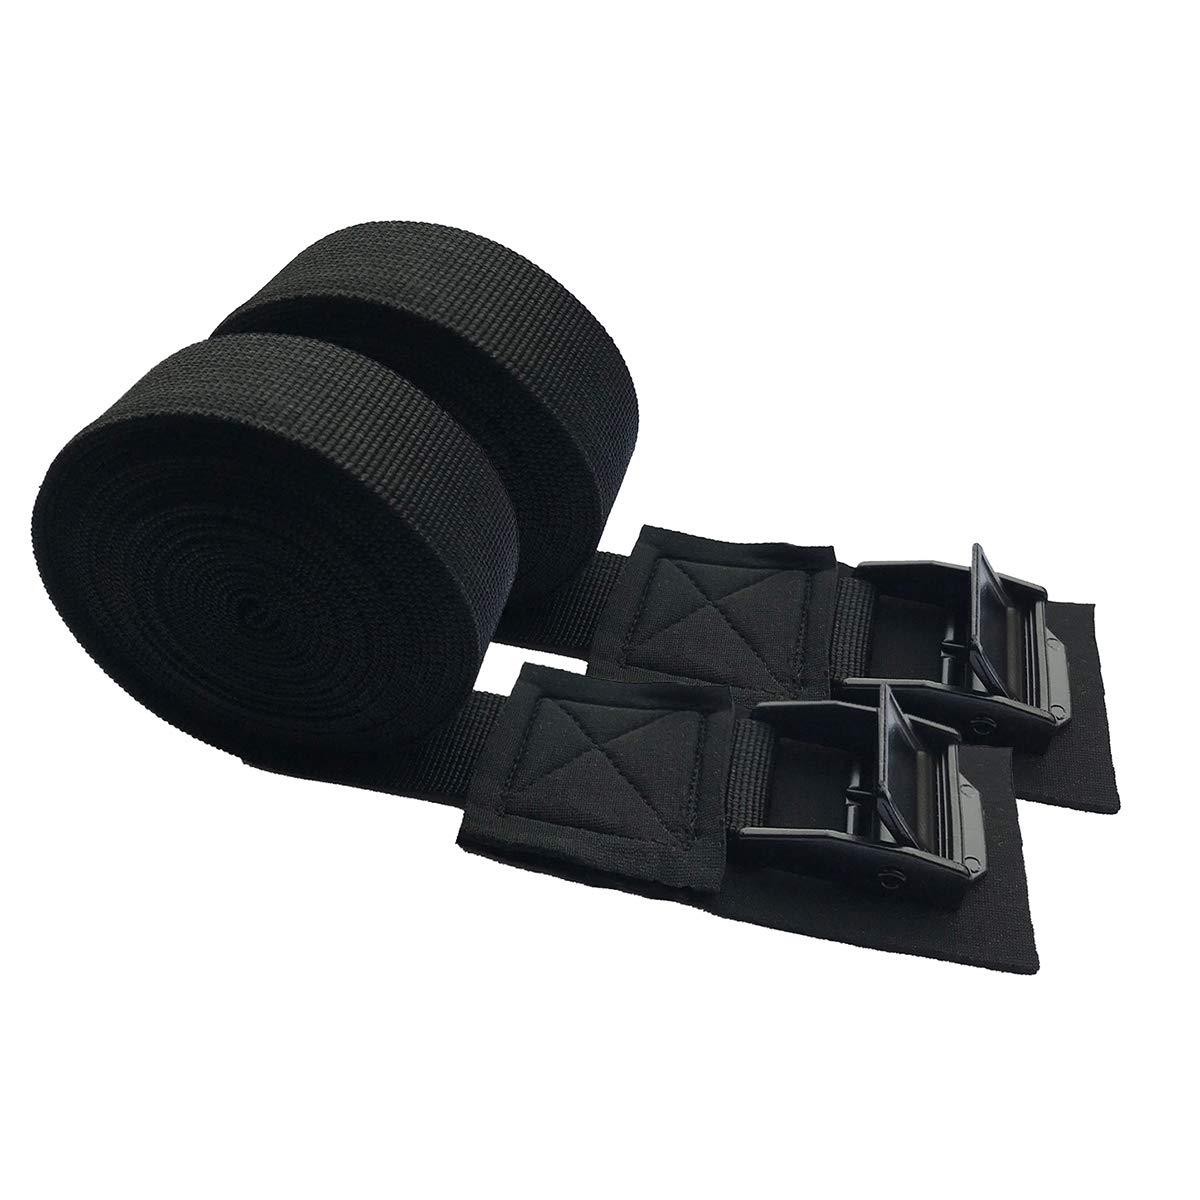 LIOOBO 2pcs Ceintures de Tension Sangle de Toit de Voiture Voiture Attacher des Sangles Bagages Bagages Kayak Planche de Surf Lier Ceinture Noir